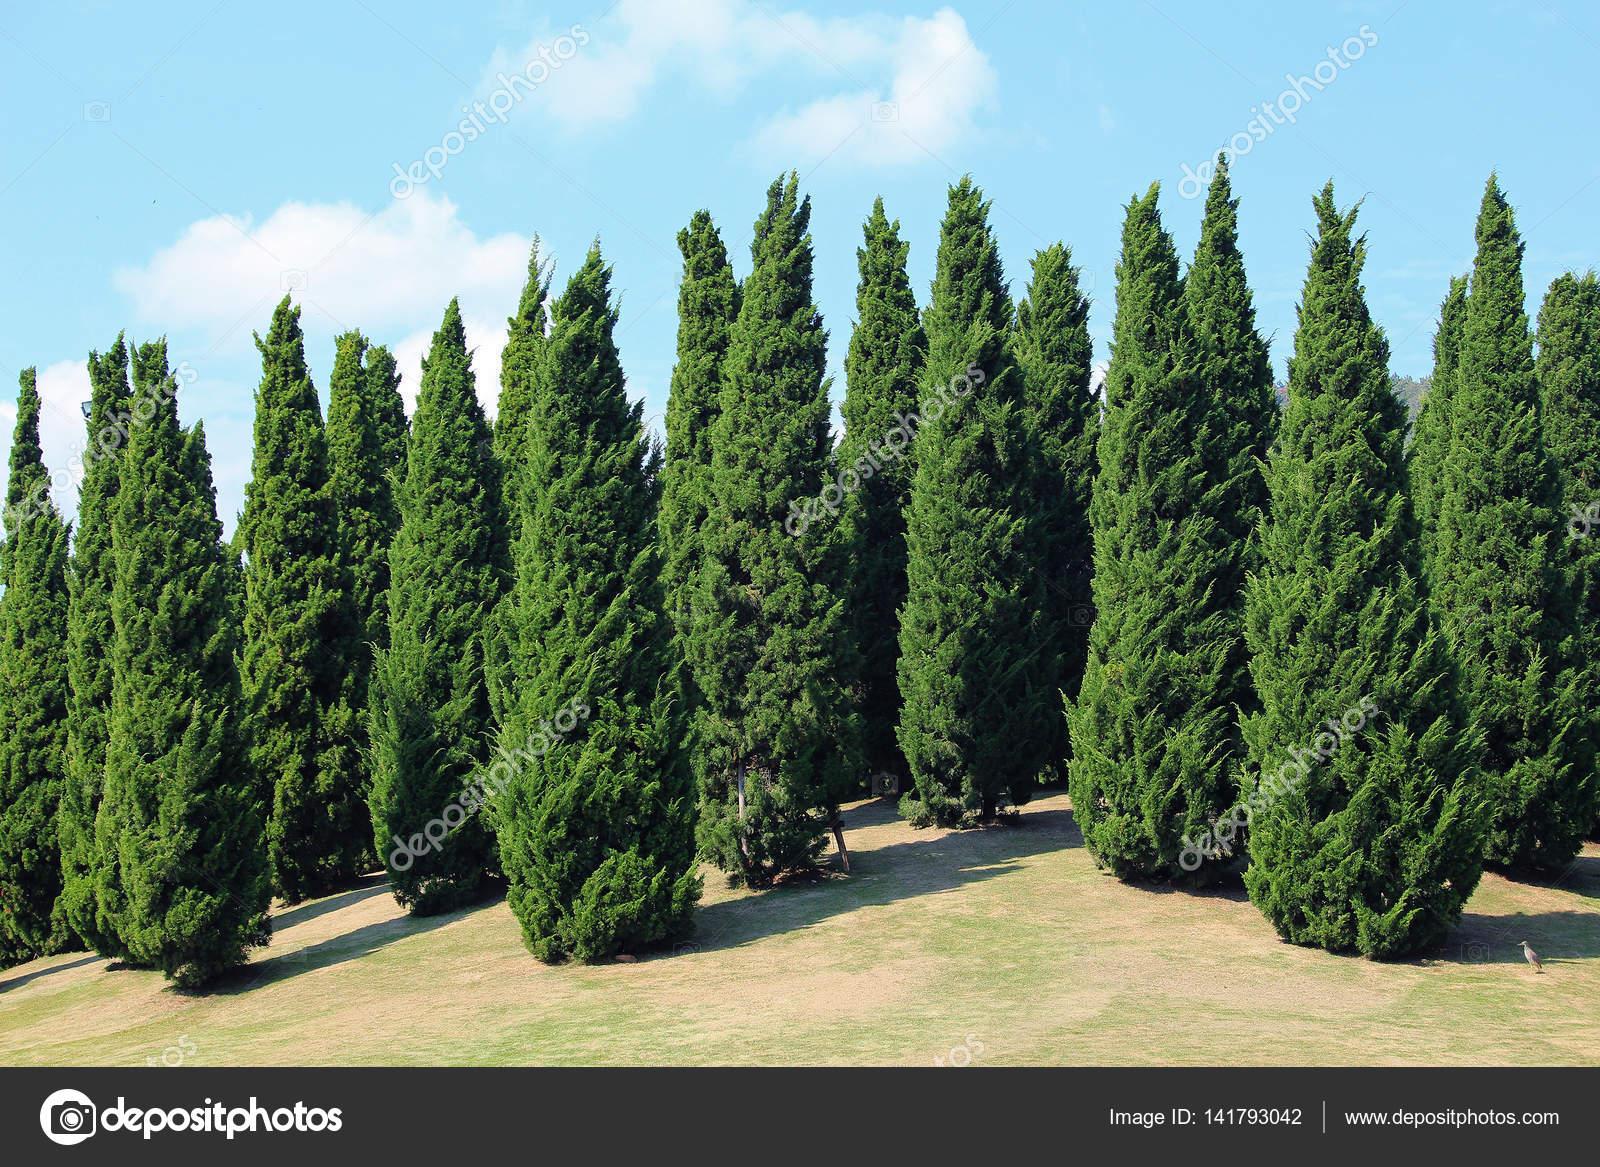 Pinos en el jard n royal flora foto de stock foto76 for Tipos de pinos para jardin fotos